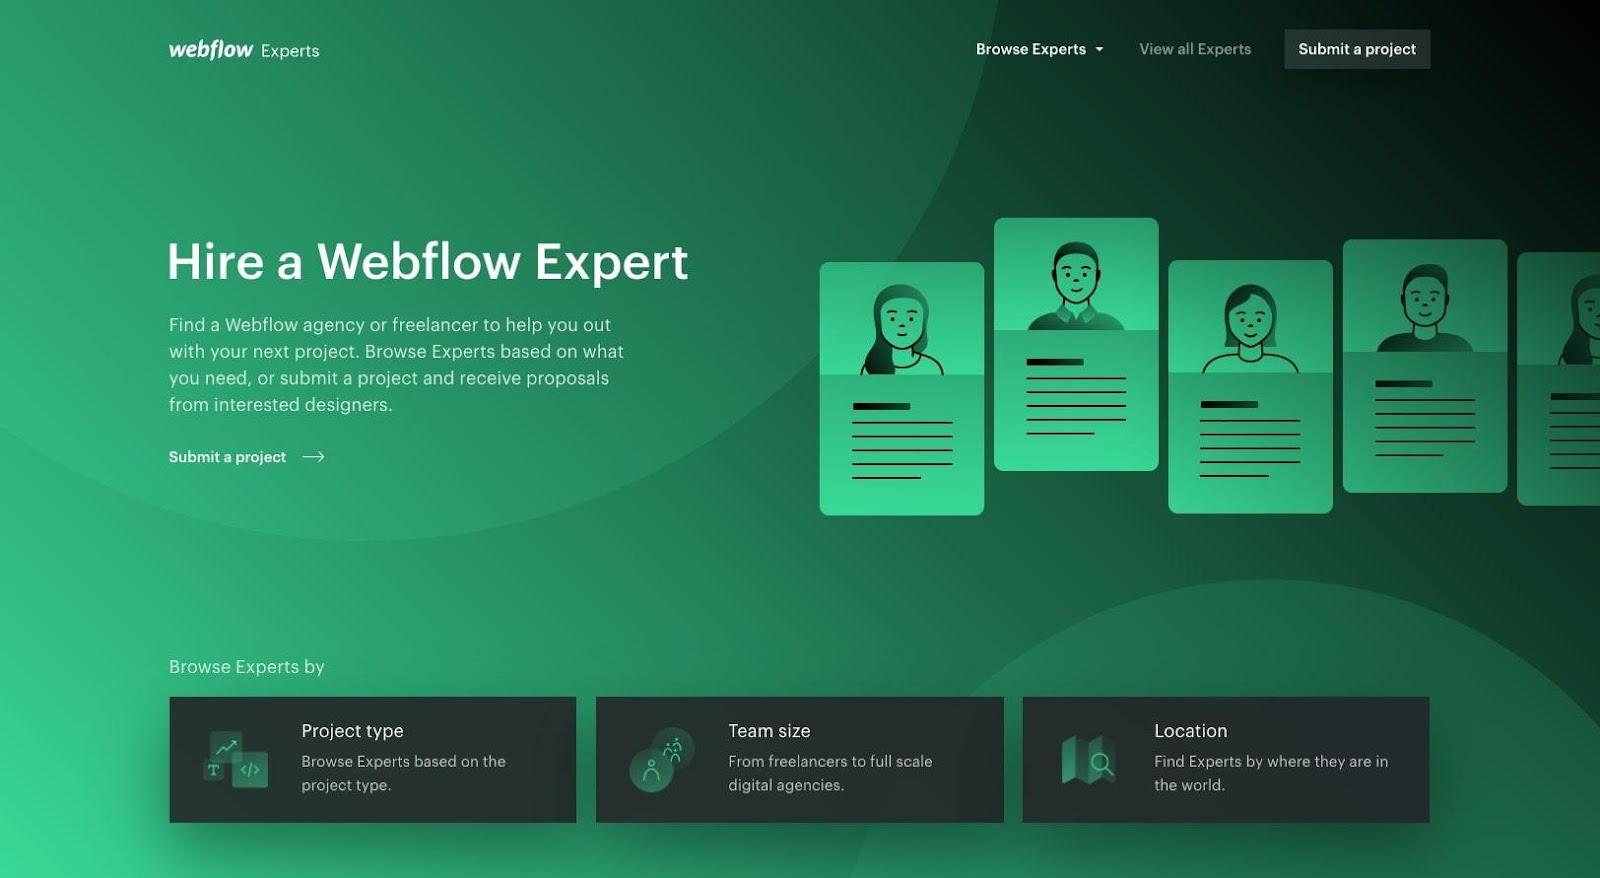 hire a webflow expert